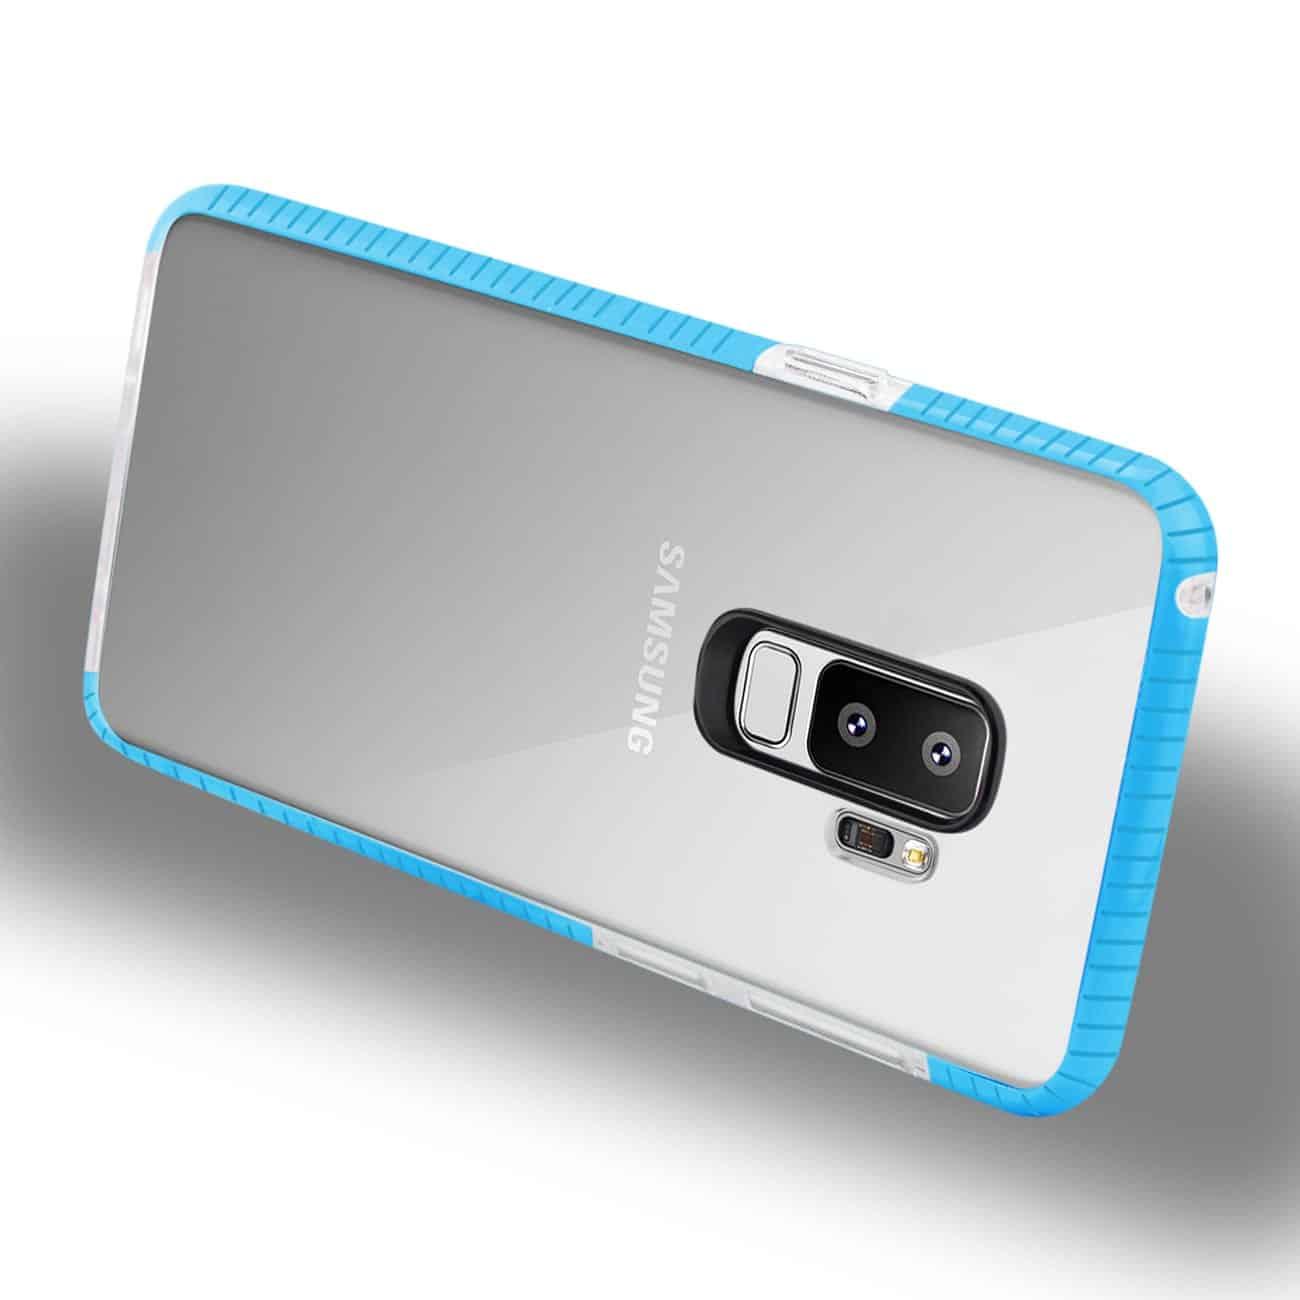 Samsung Galaxy S9 Plus Soft Transparent TPU Case In Clear Blue